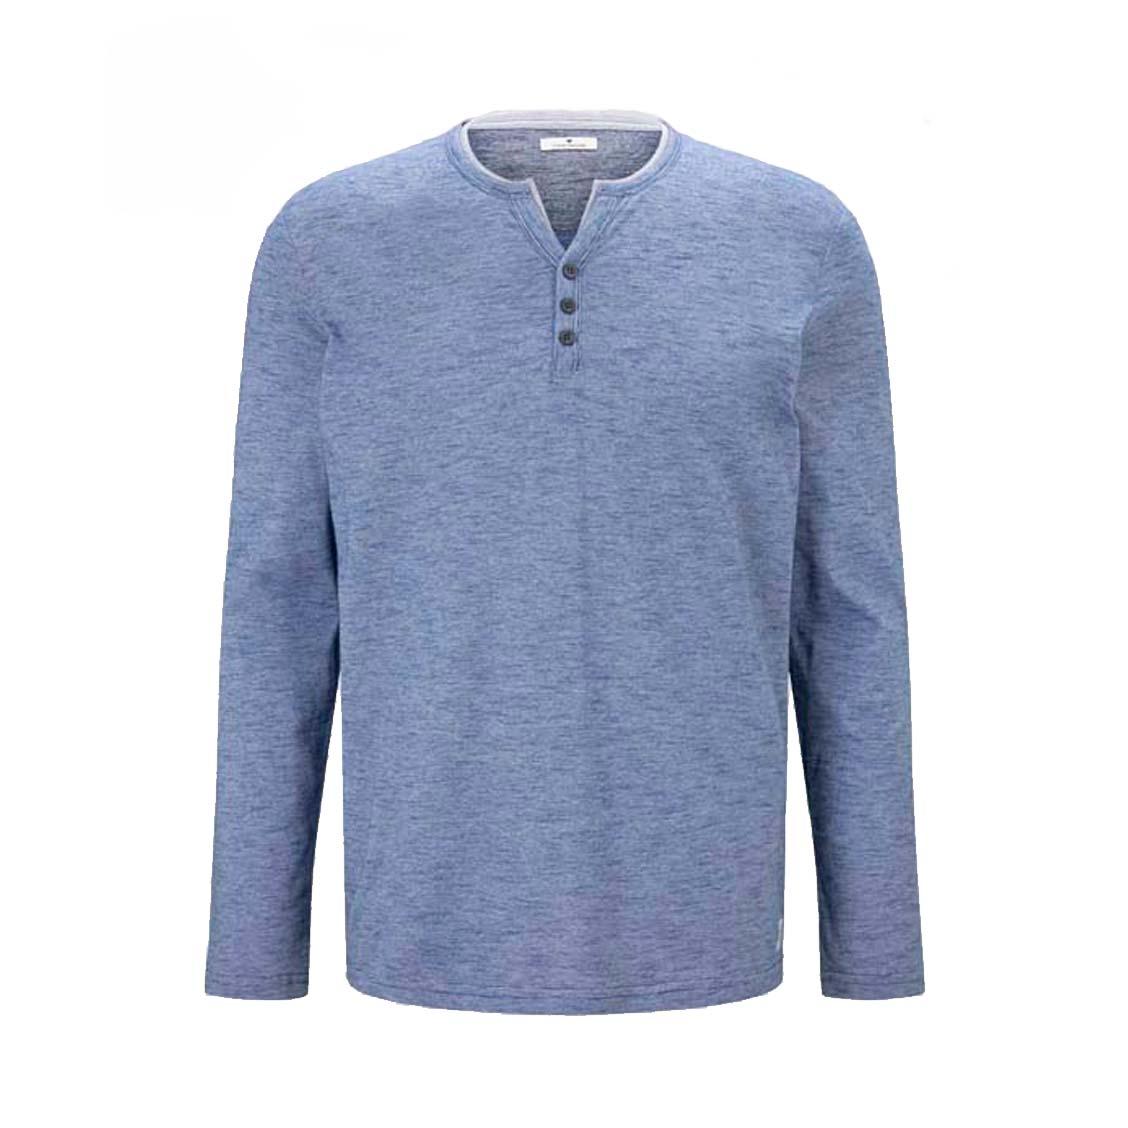 Tee-shirt manches longues Tom Tailor en coton rayé bleu denim et blanc